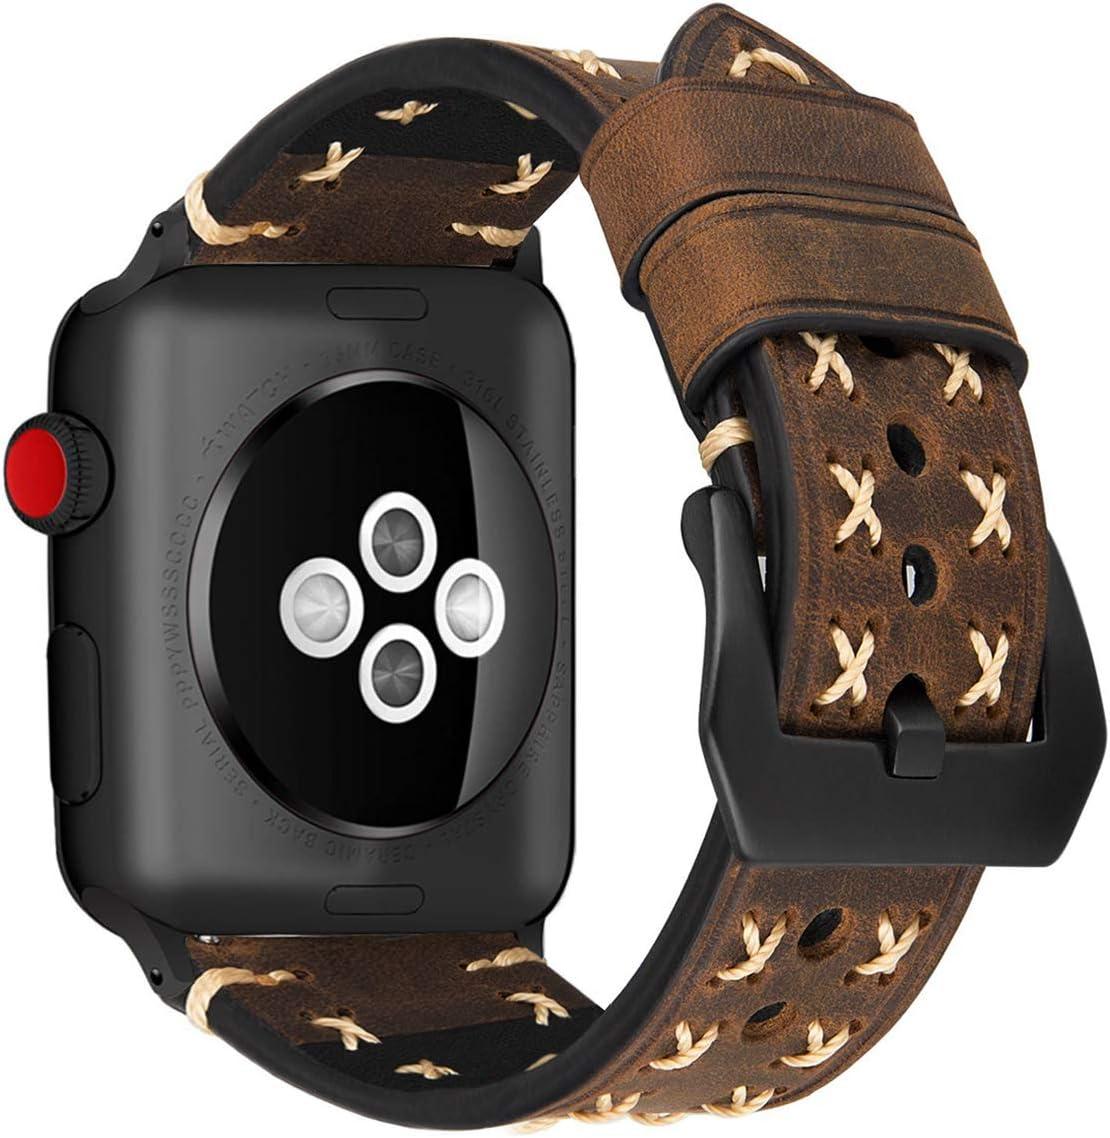 MroTech Compatible para Correa iWatch 44mm 42mm Cuero Correa de Reloj Piel Genuino Pulseras de Repuesto Banda Reemplazo para iWatch Serie 5 / 4 / 3 / 2 / 1 Watch Band (Café, 42 mm / 44 mm)